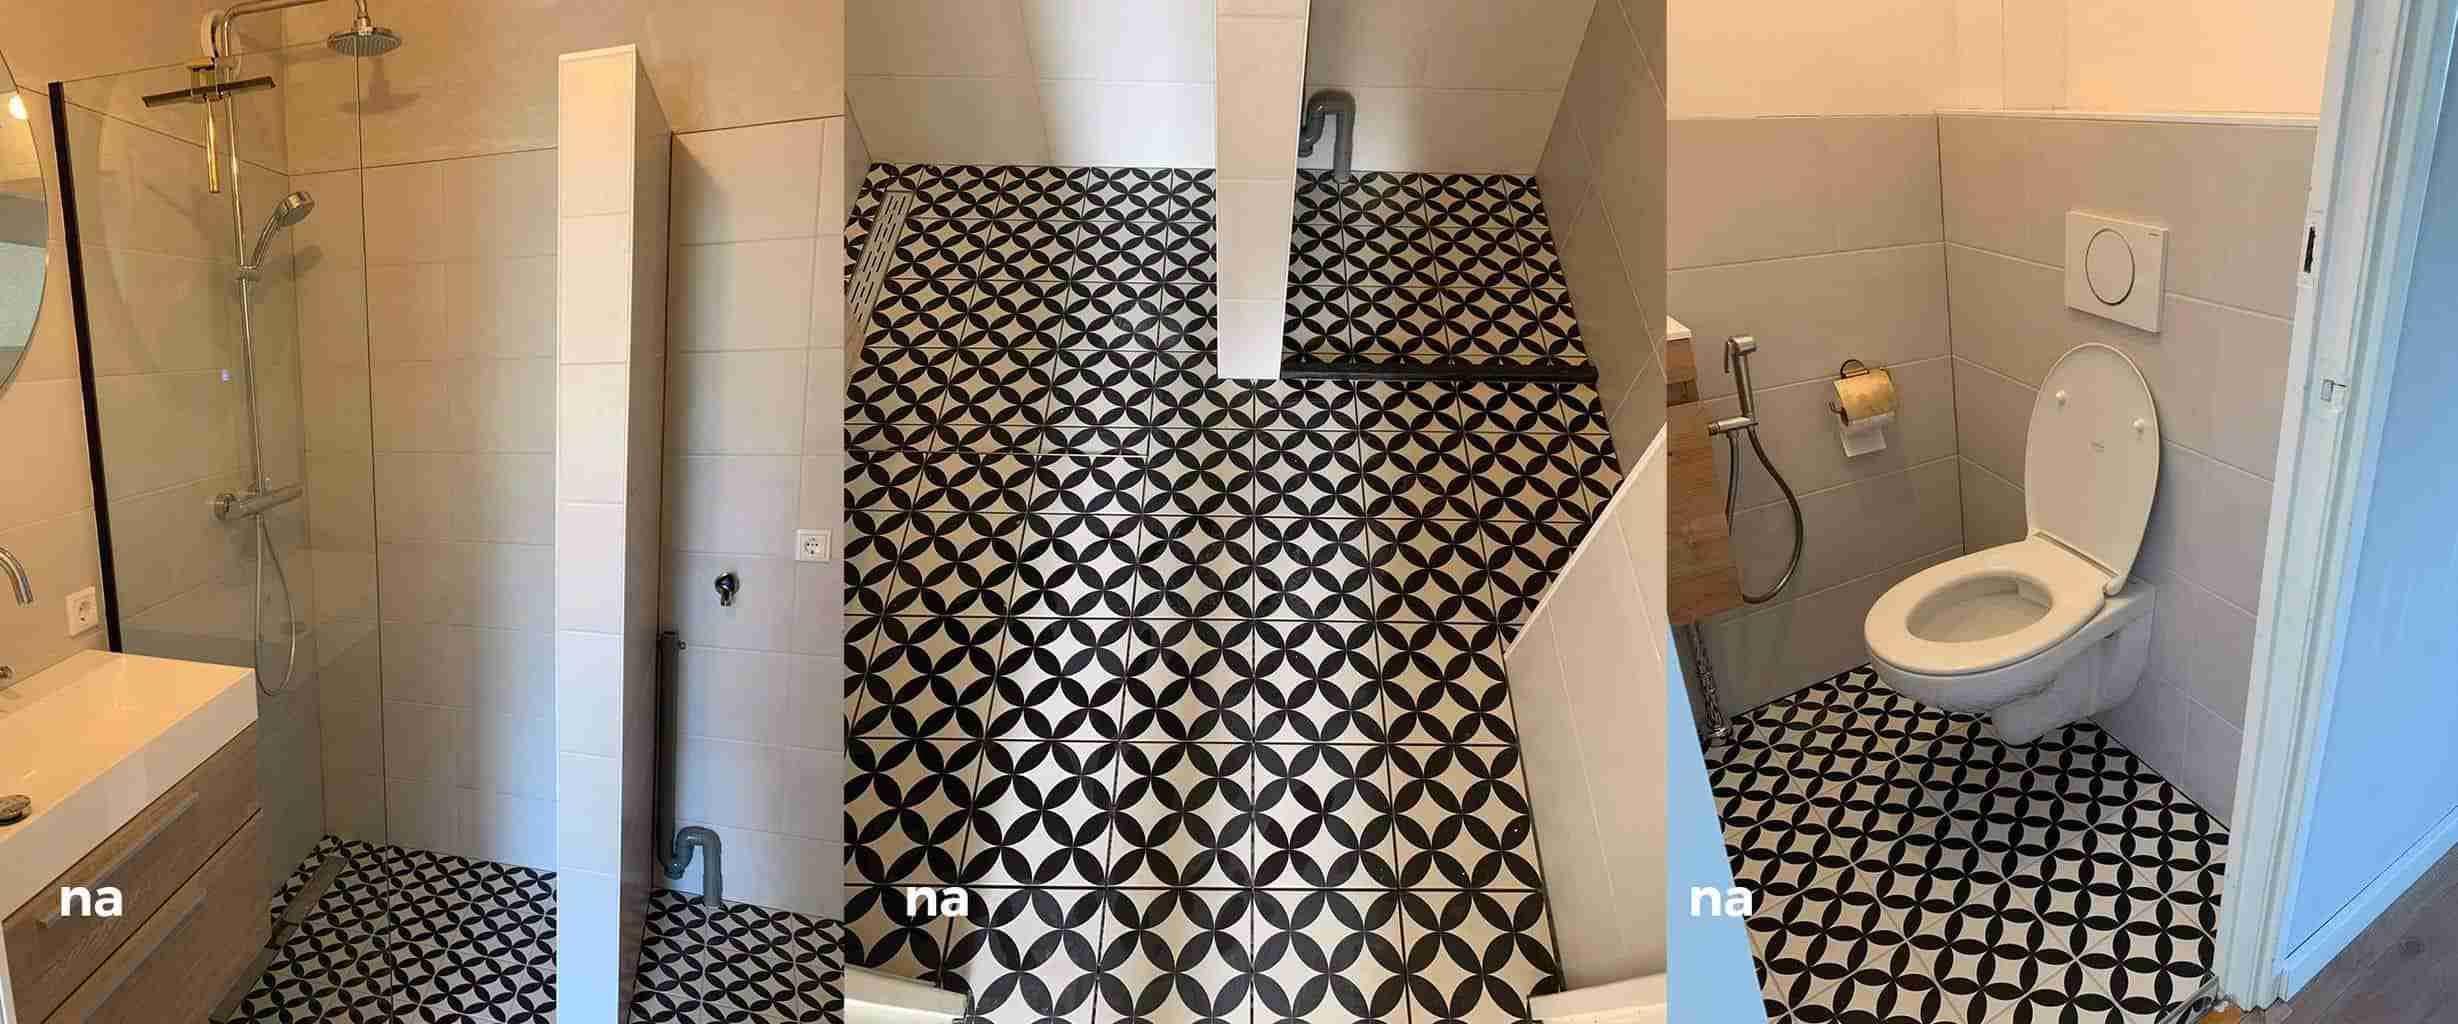 Badkamer & Toiletverbouwing het eind resultaat | Installatie Service Amsterdam